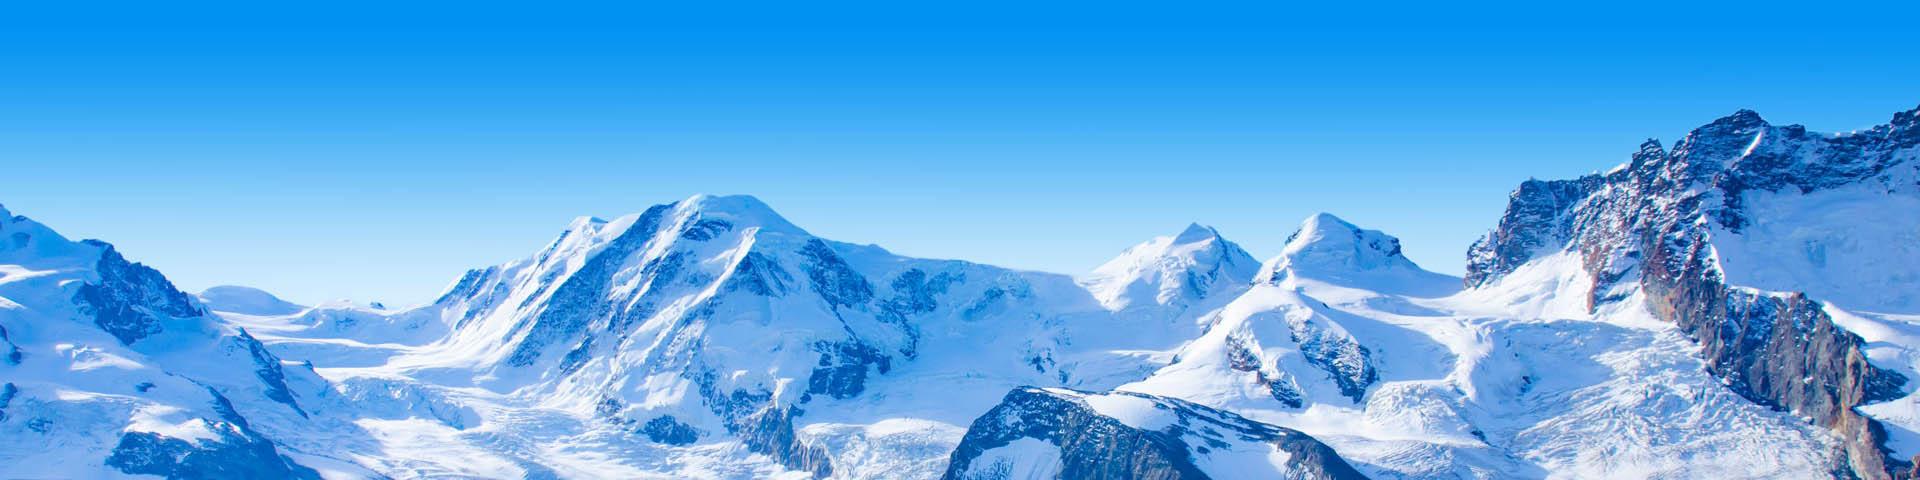 Prachtig landschap in Zwitserland met besneeuwde bergen.